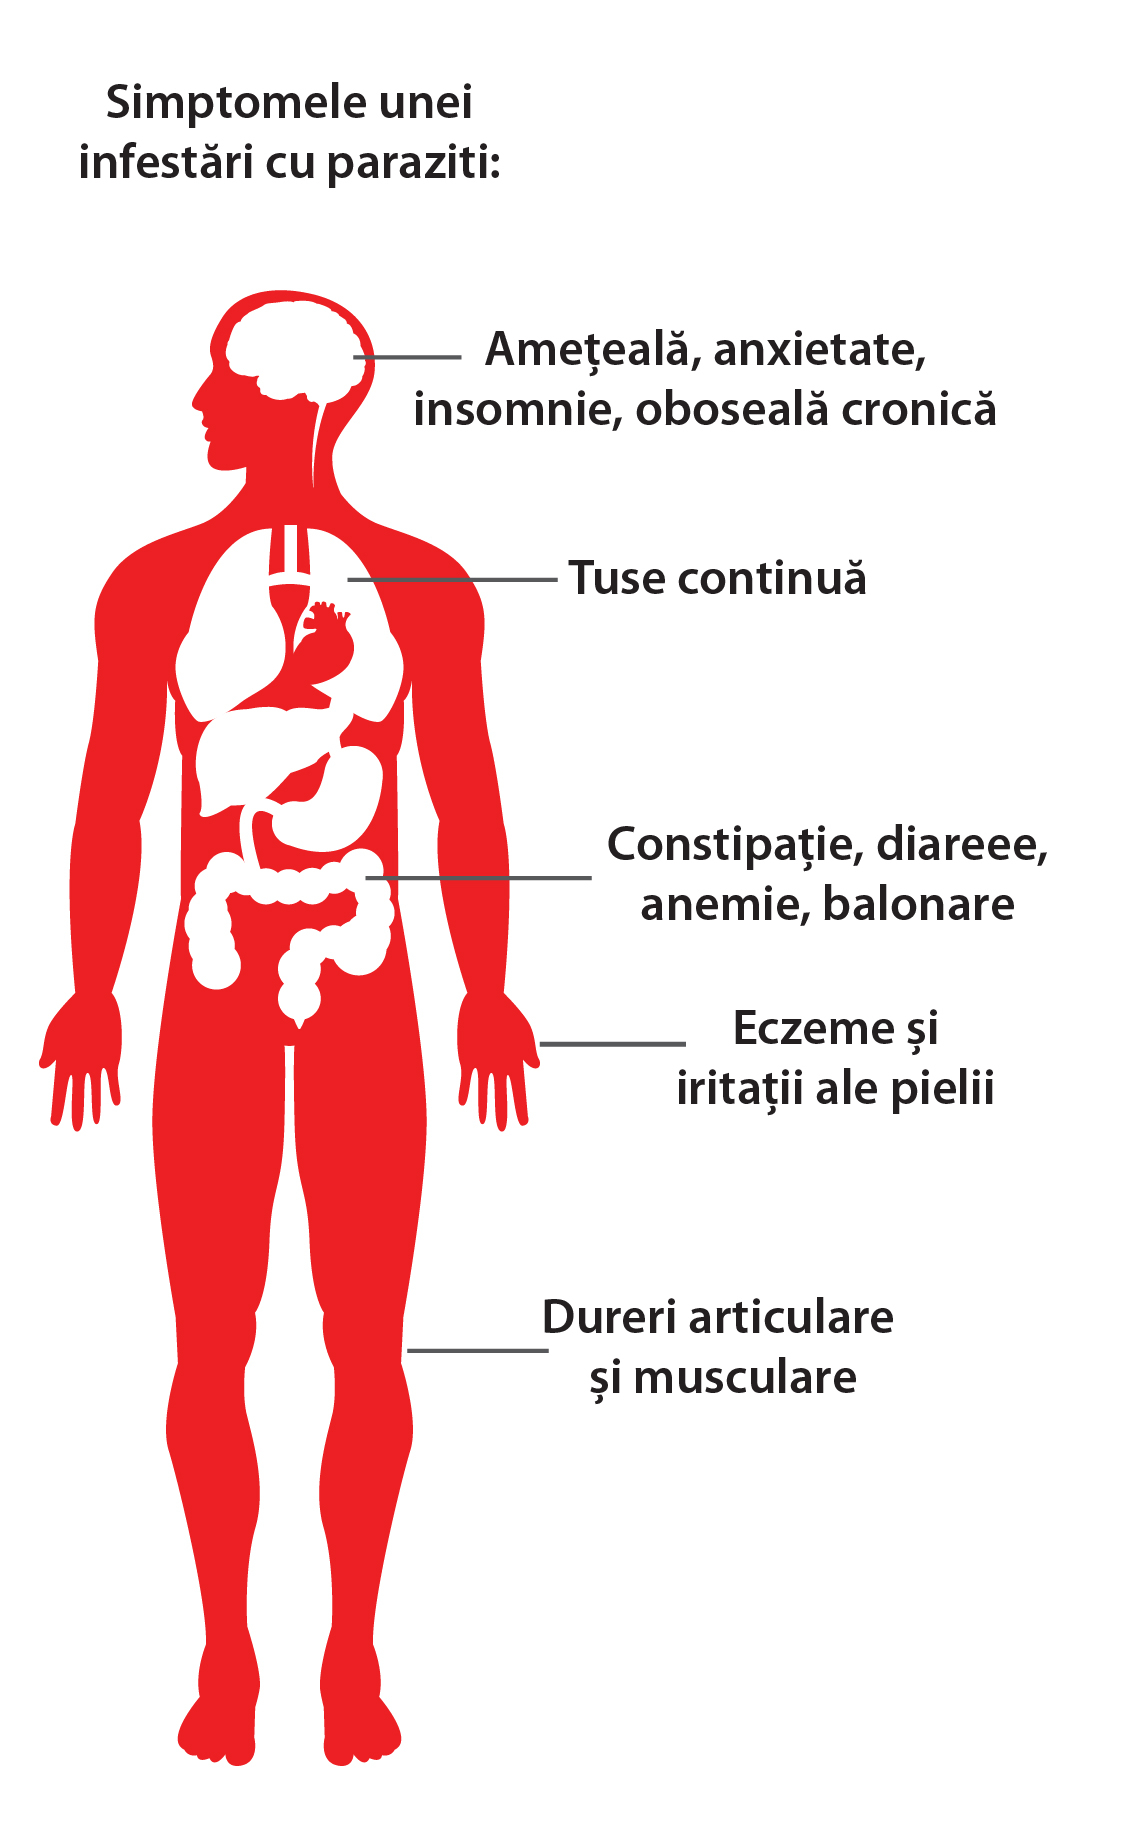 Dureri articulare și musculare cu paraziți